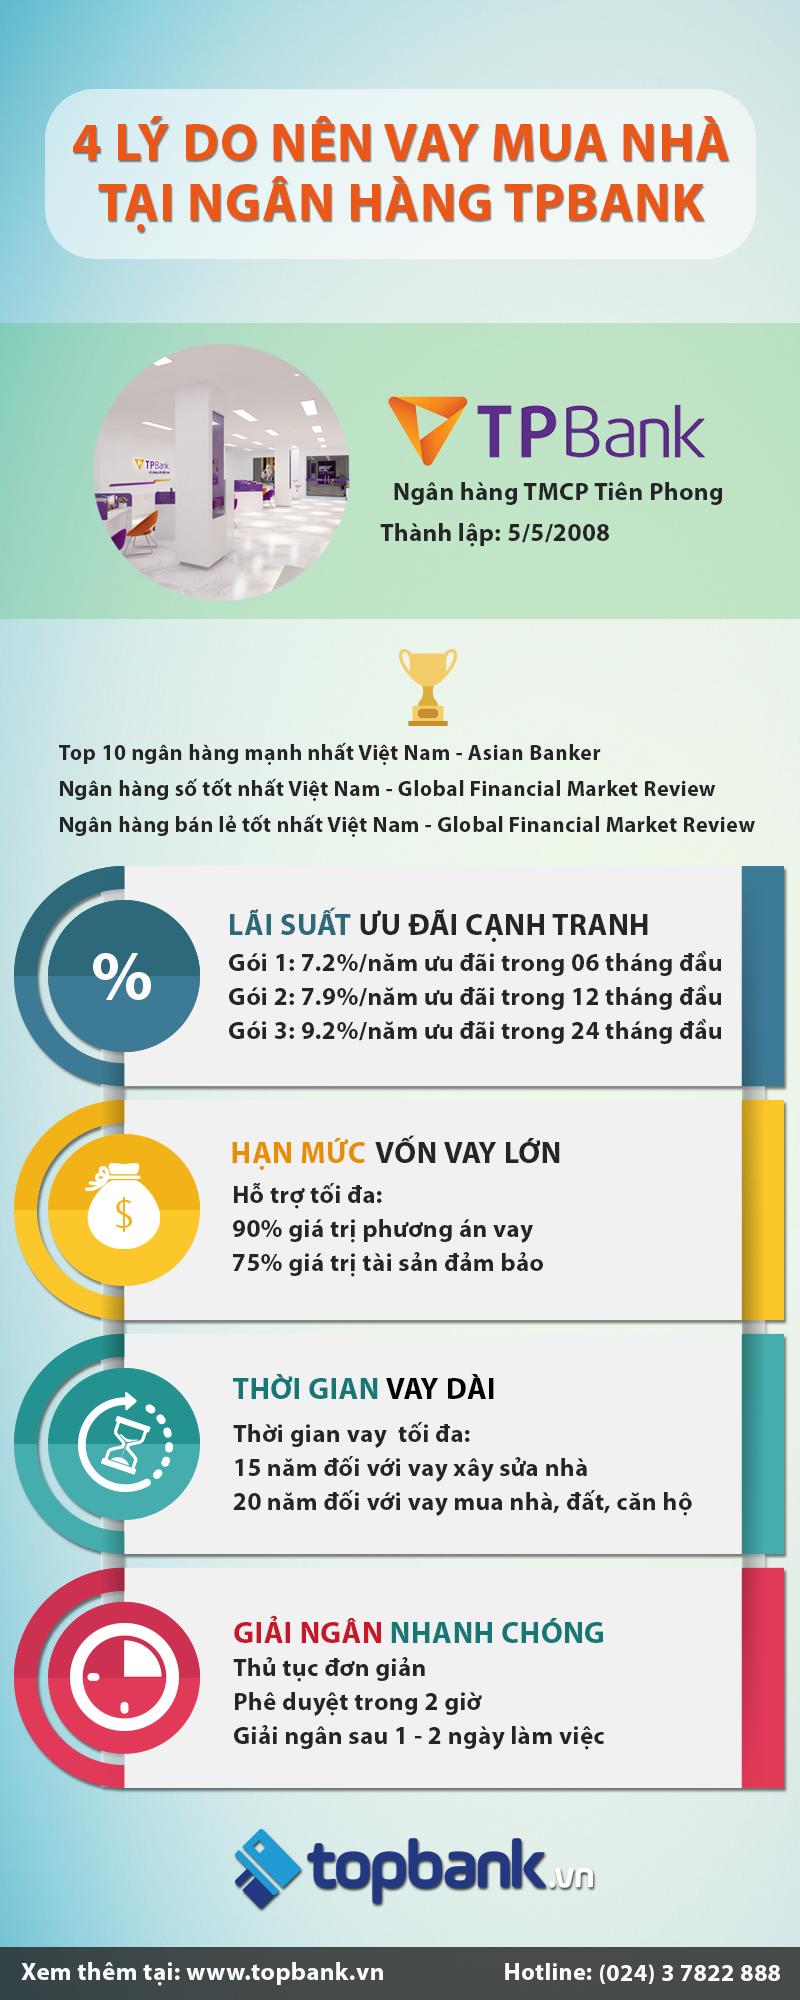 Infographic - lý do nên vay mua nhà trả góp tại TPBank